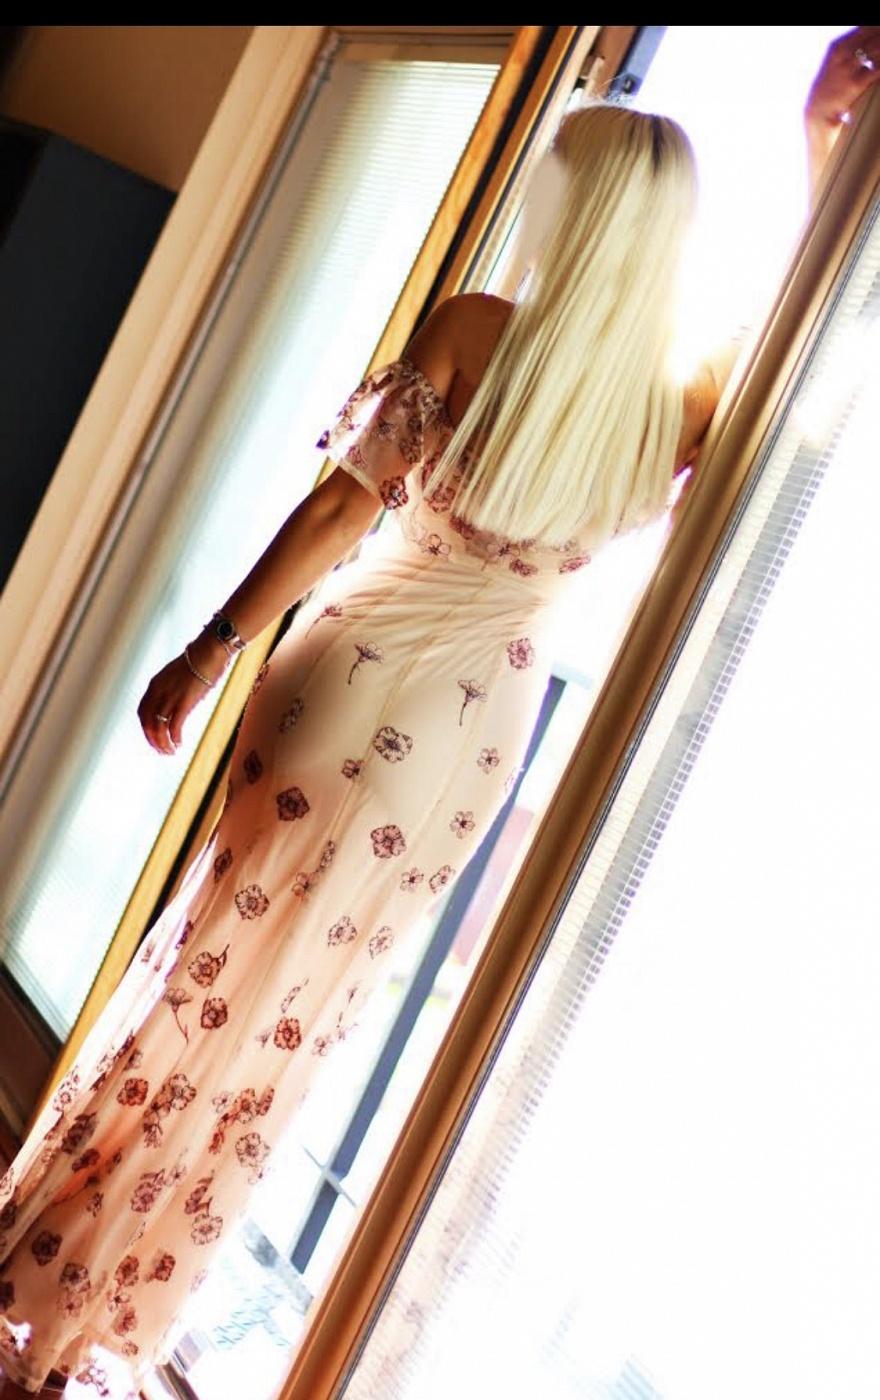 Kelsie Blaine